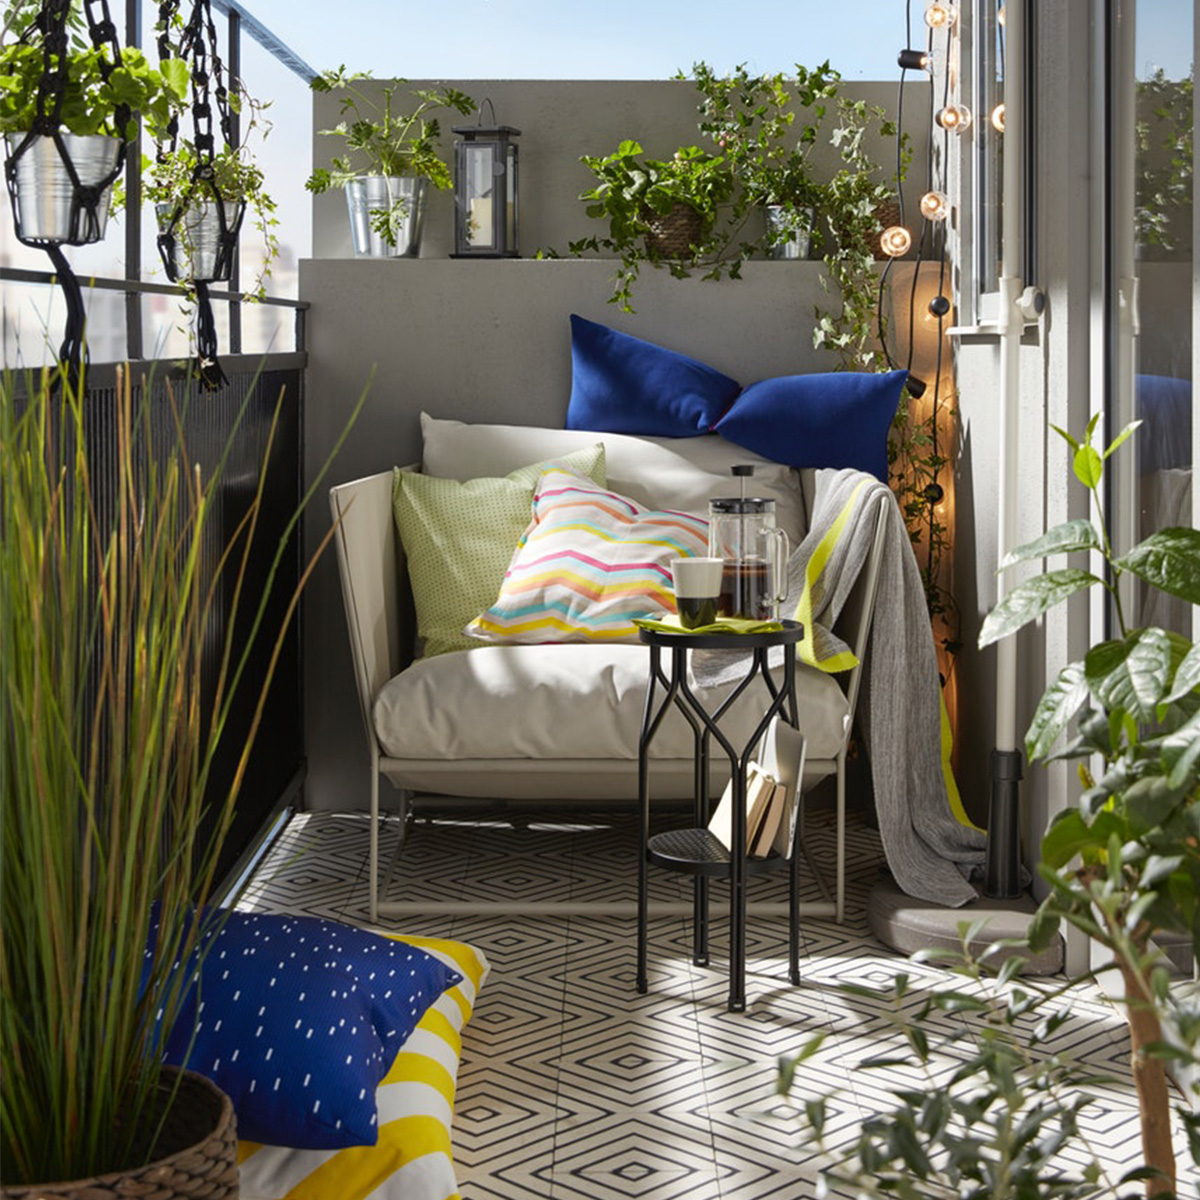 Petit Salon De Jardin Pour Balcon Luxe Idées Pour L ... serapportantà Salon De Jardin Pas Cher Ikea